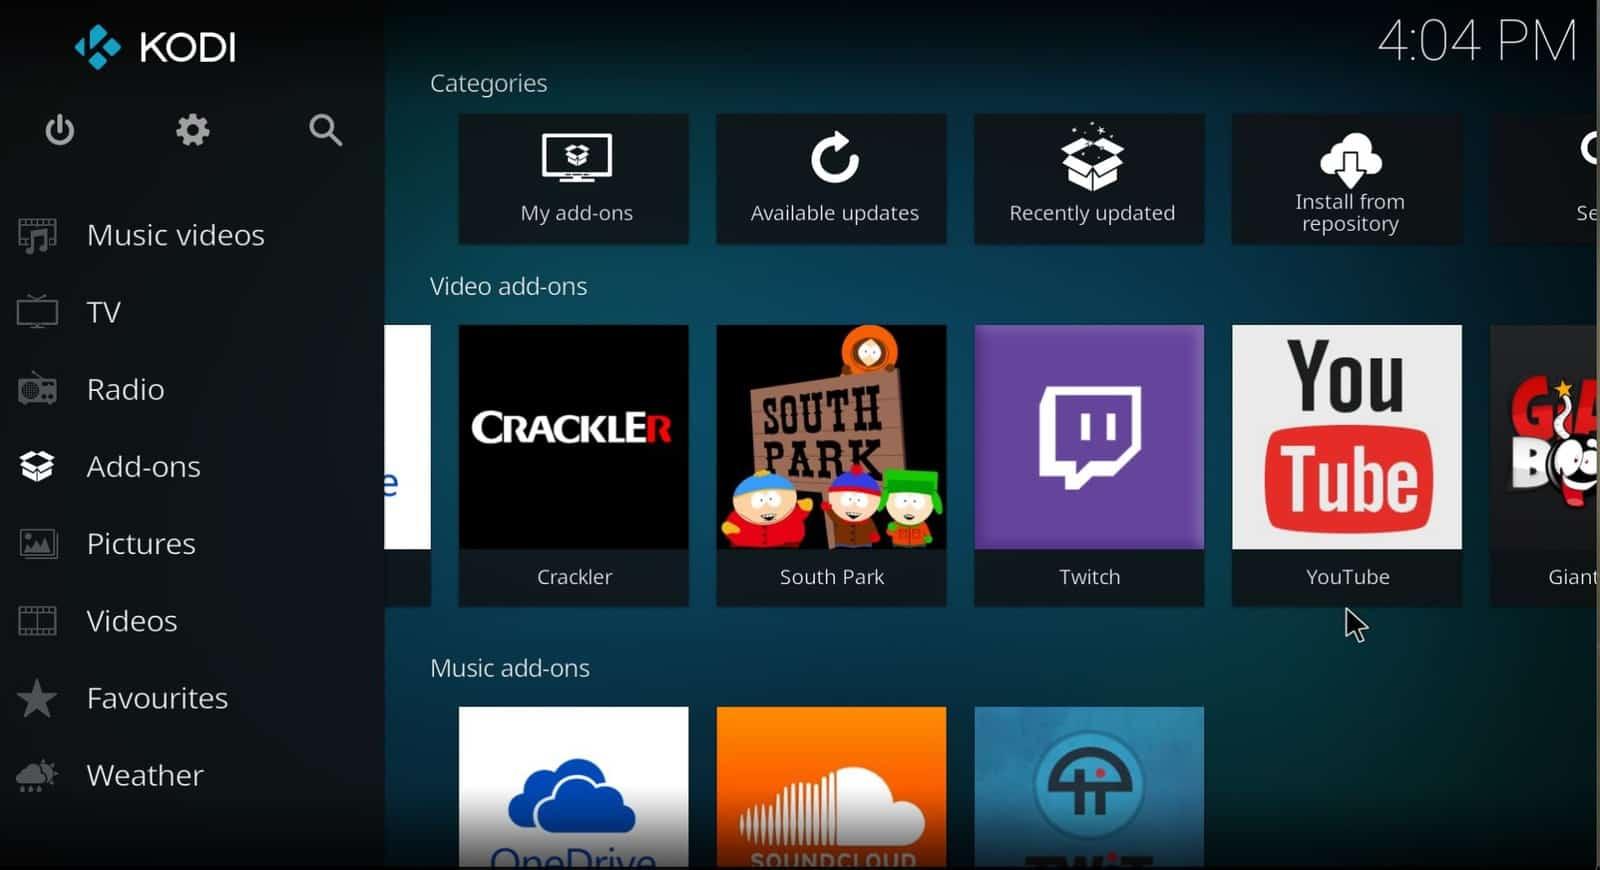 Kodi – TV and movies streaming app